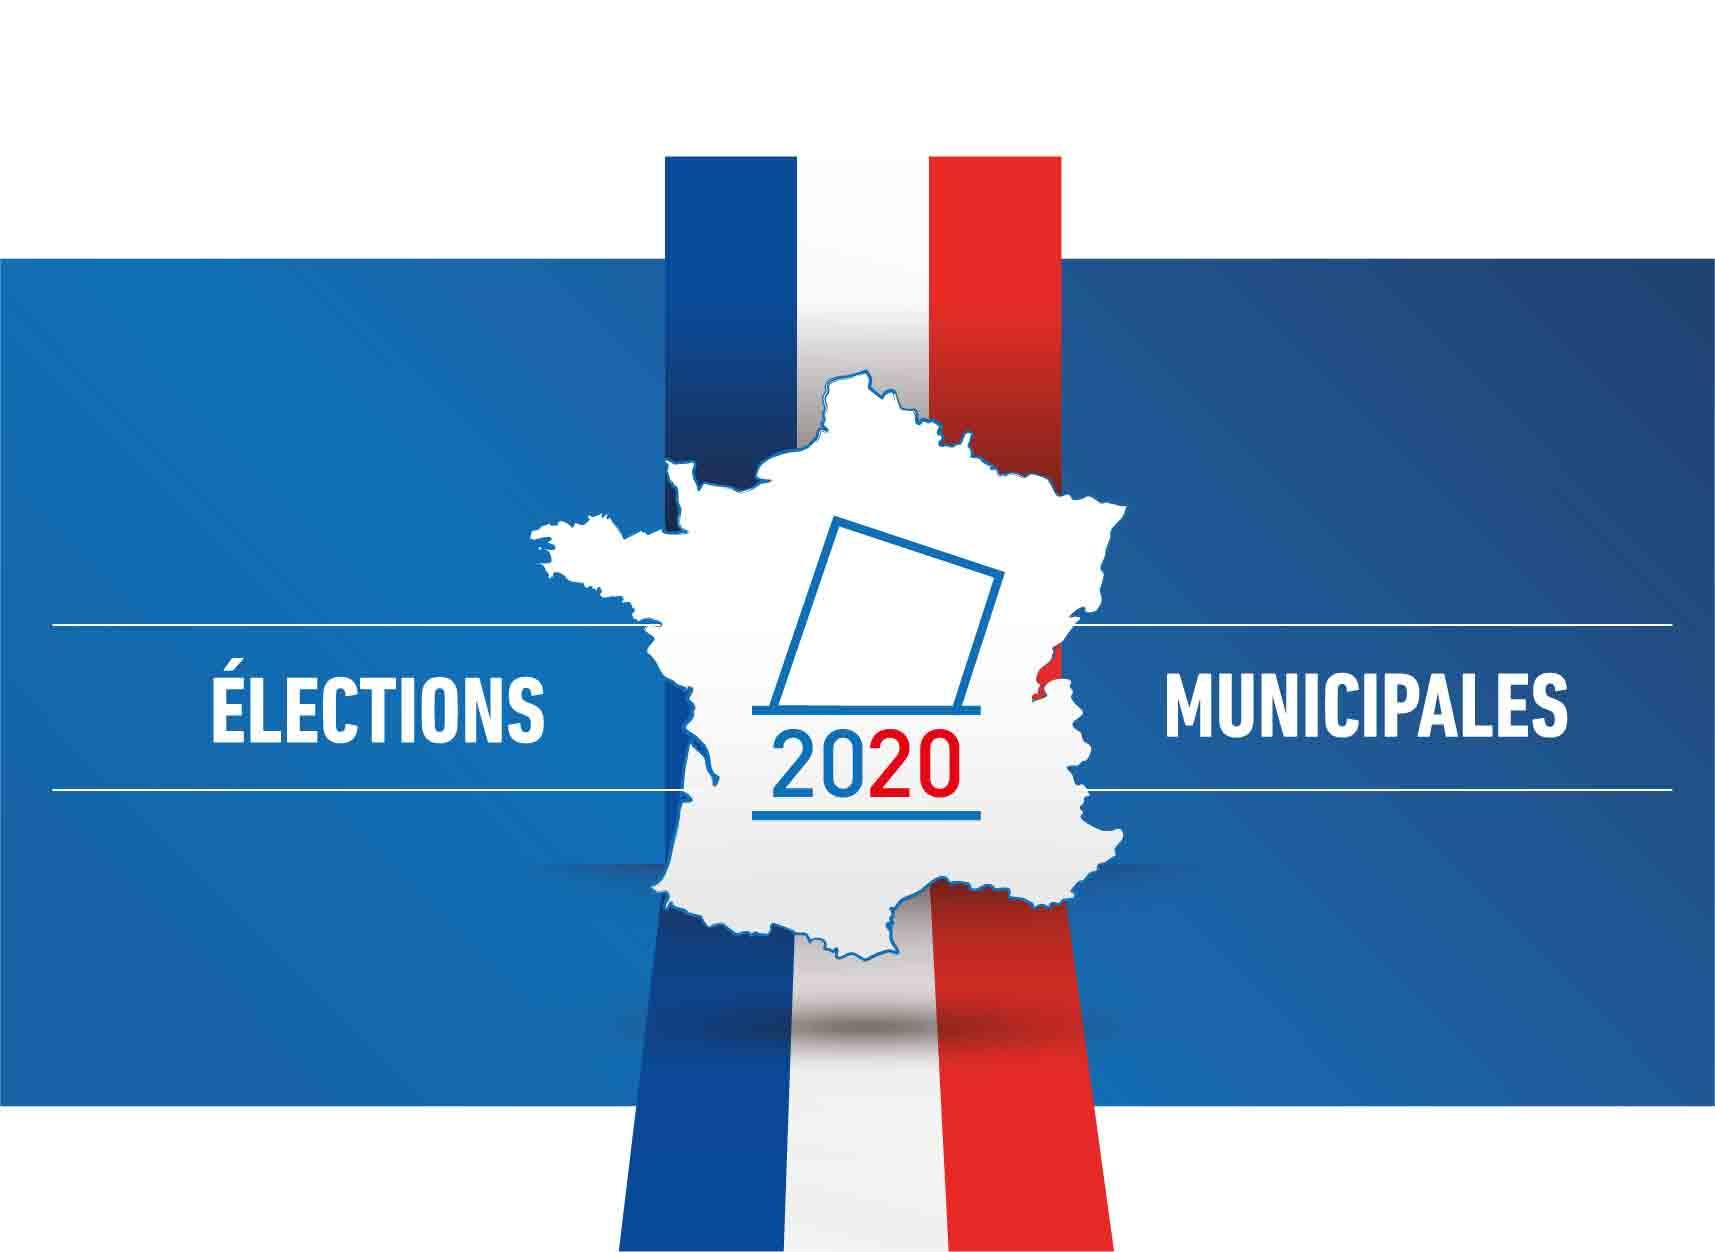 Μετά τις Γαλλικές δημοτικές εκλογές, τι;